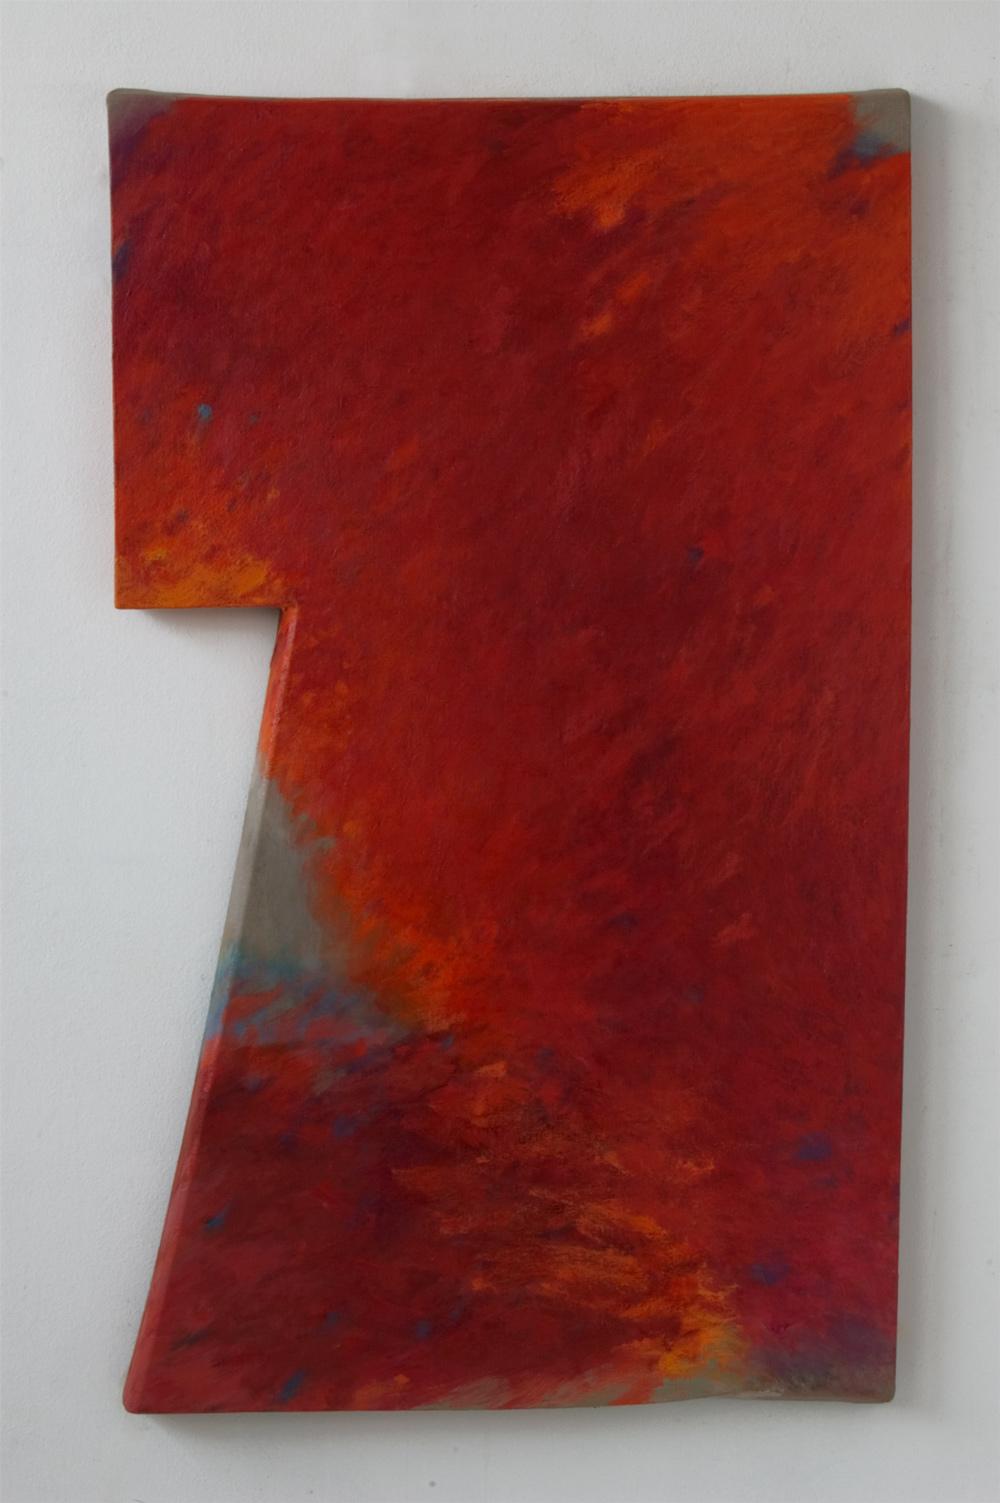 TremoreT-11, 2010